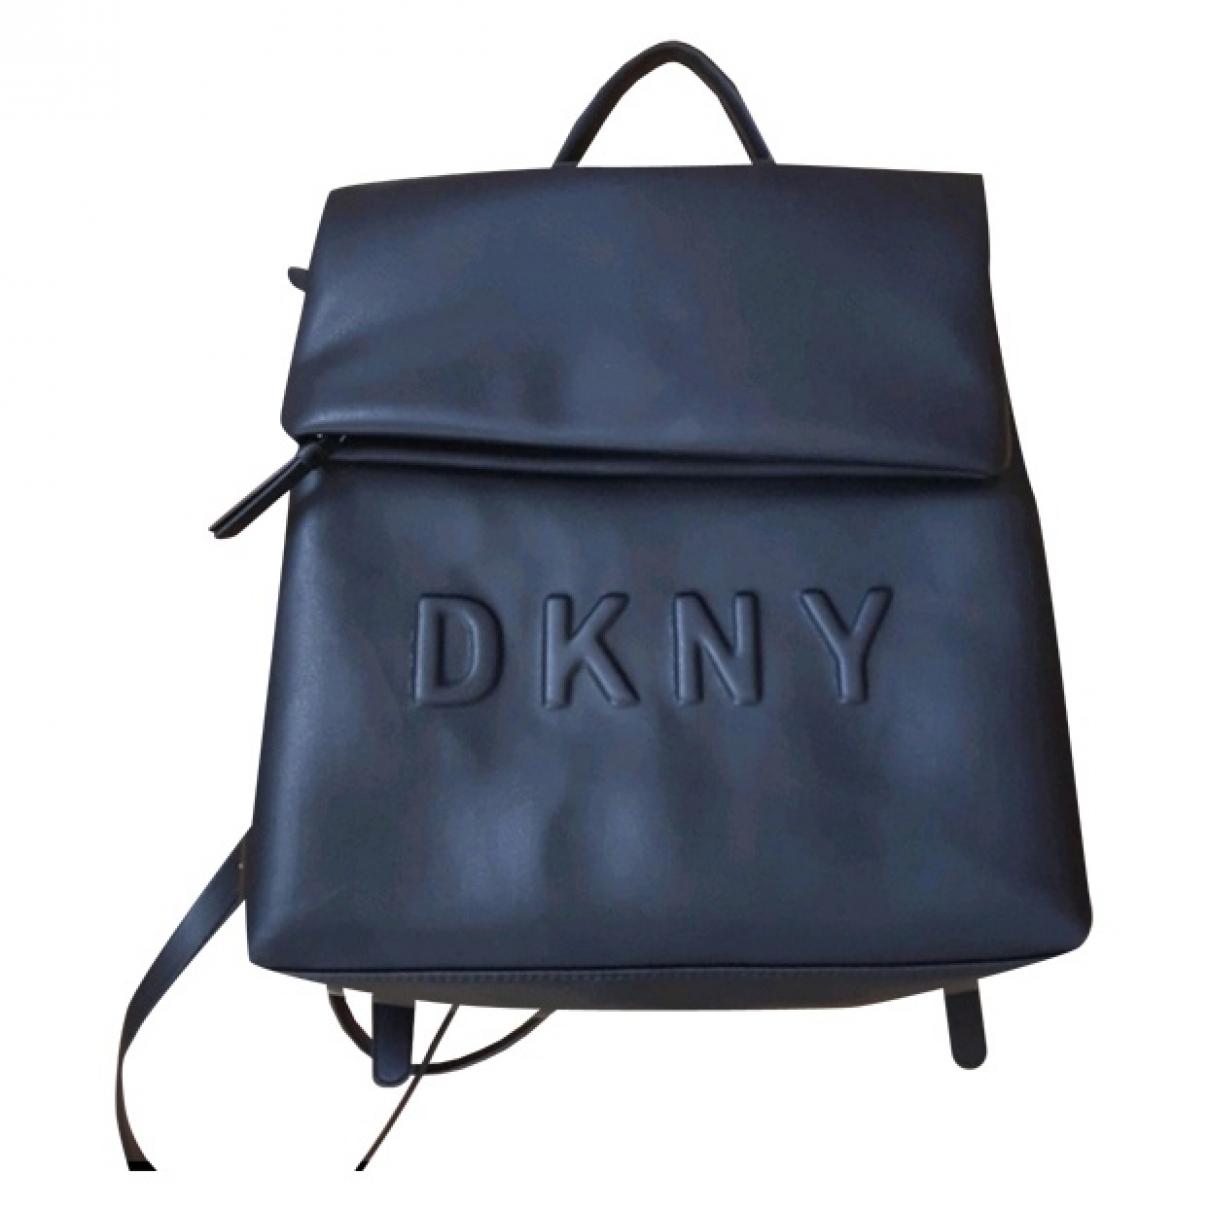 Dkny \N Black backpack for Women \N